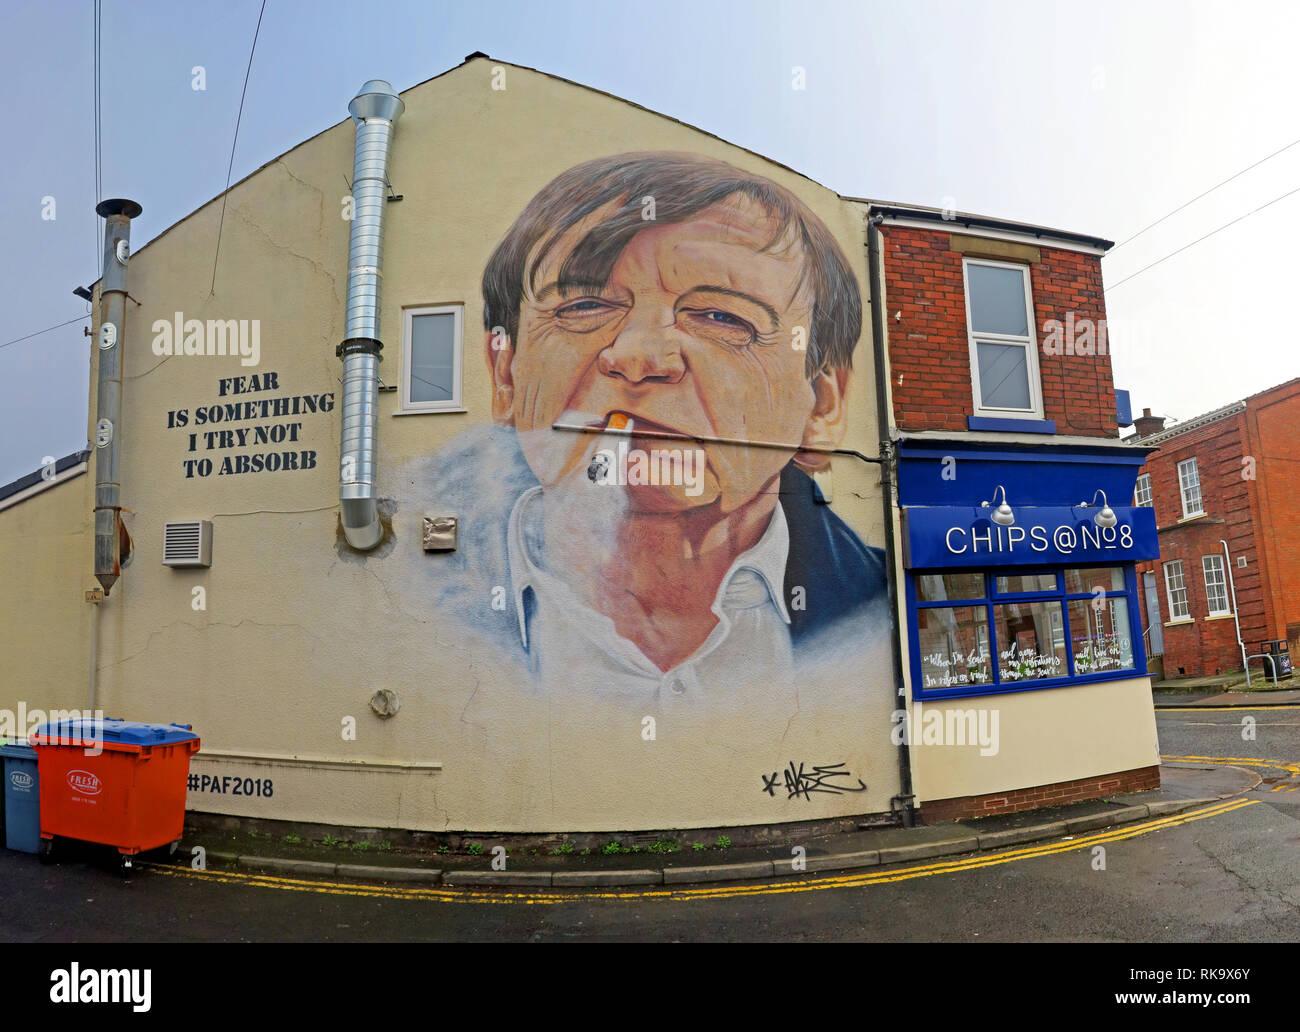 Laden Sie dieses Alamy Stockfoto Angst ist etwas, das ich versuche, nicht zu absorbieren, Clifton Road, Prestwich, der Fall, Mark E Smith Artwork, 8 Clifton Road, Prestwich, Bury M25 3HQ, England - RK9X6Y